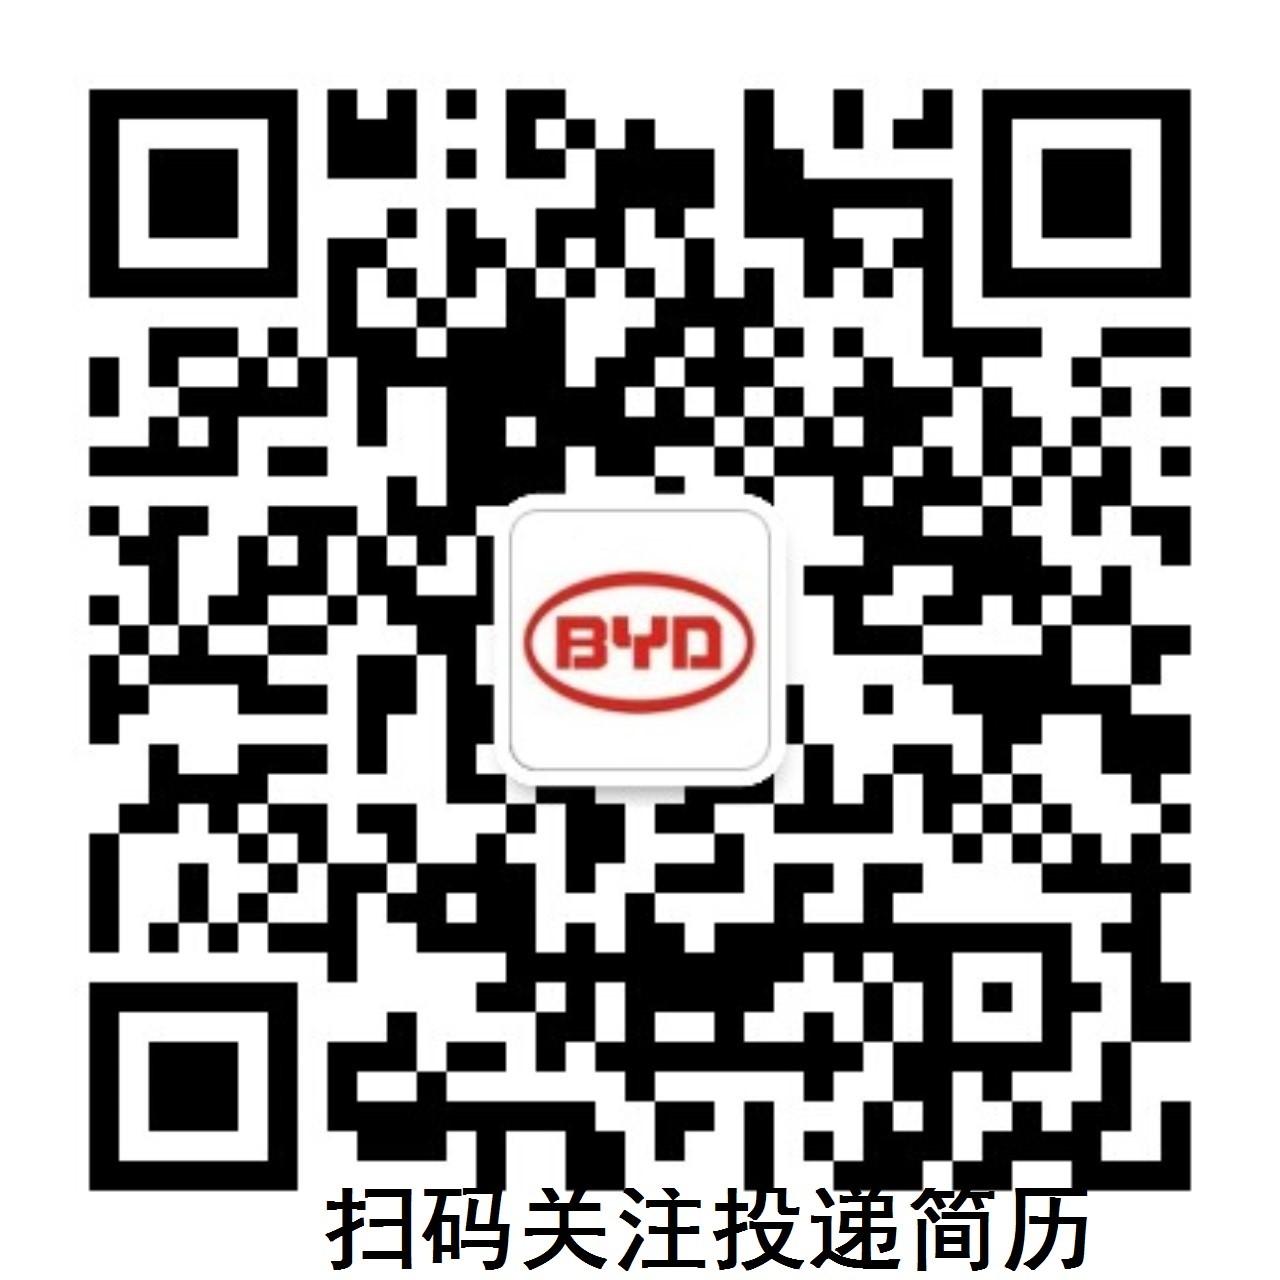 简历投递二维码.jpg